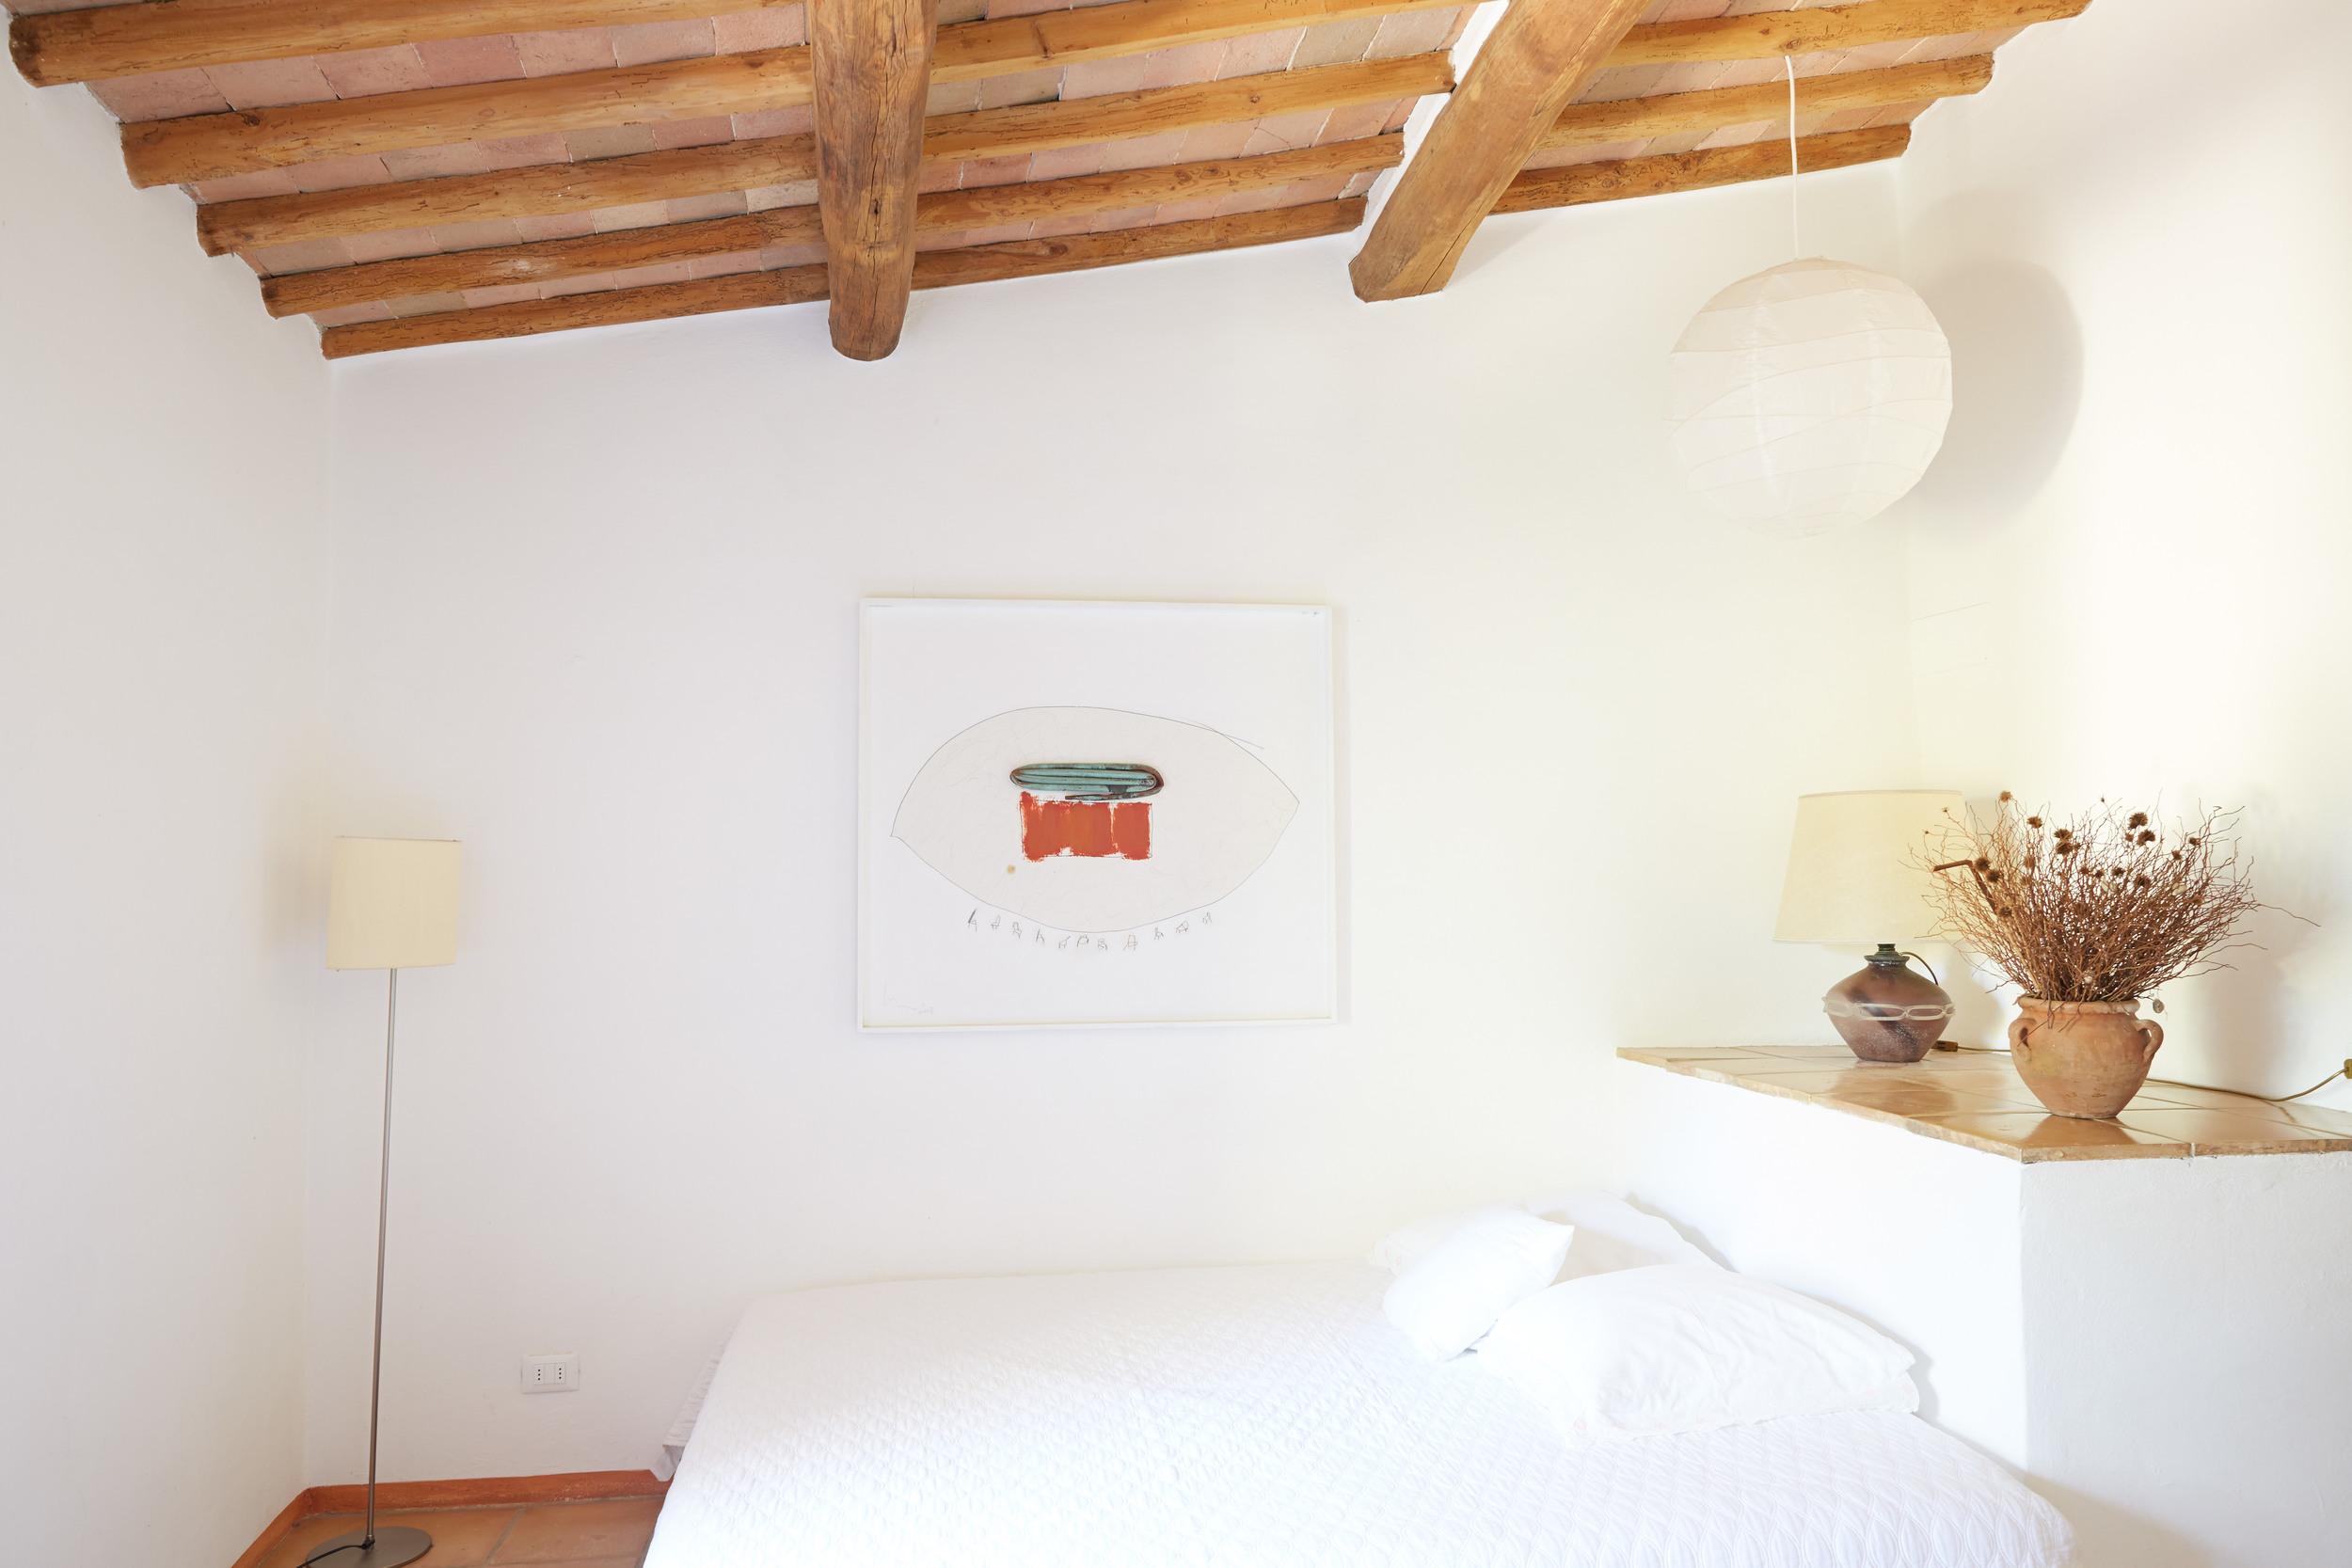 Wie ein schönes Hotelzimmer. Oder als Zusatz zu einer Wohnung. Ein Doppelbett und eigenes Badezimmer mit Badewanne. Ab 44 €/Tag (Off-Saison)